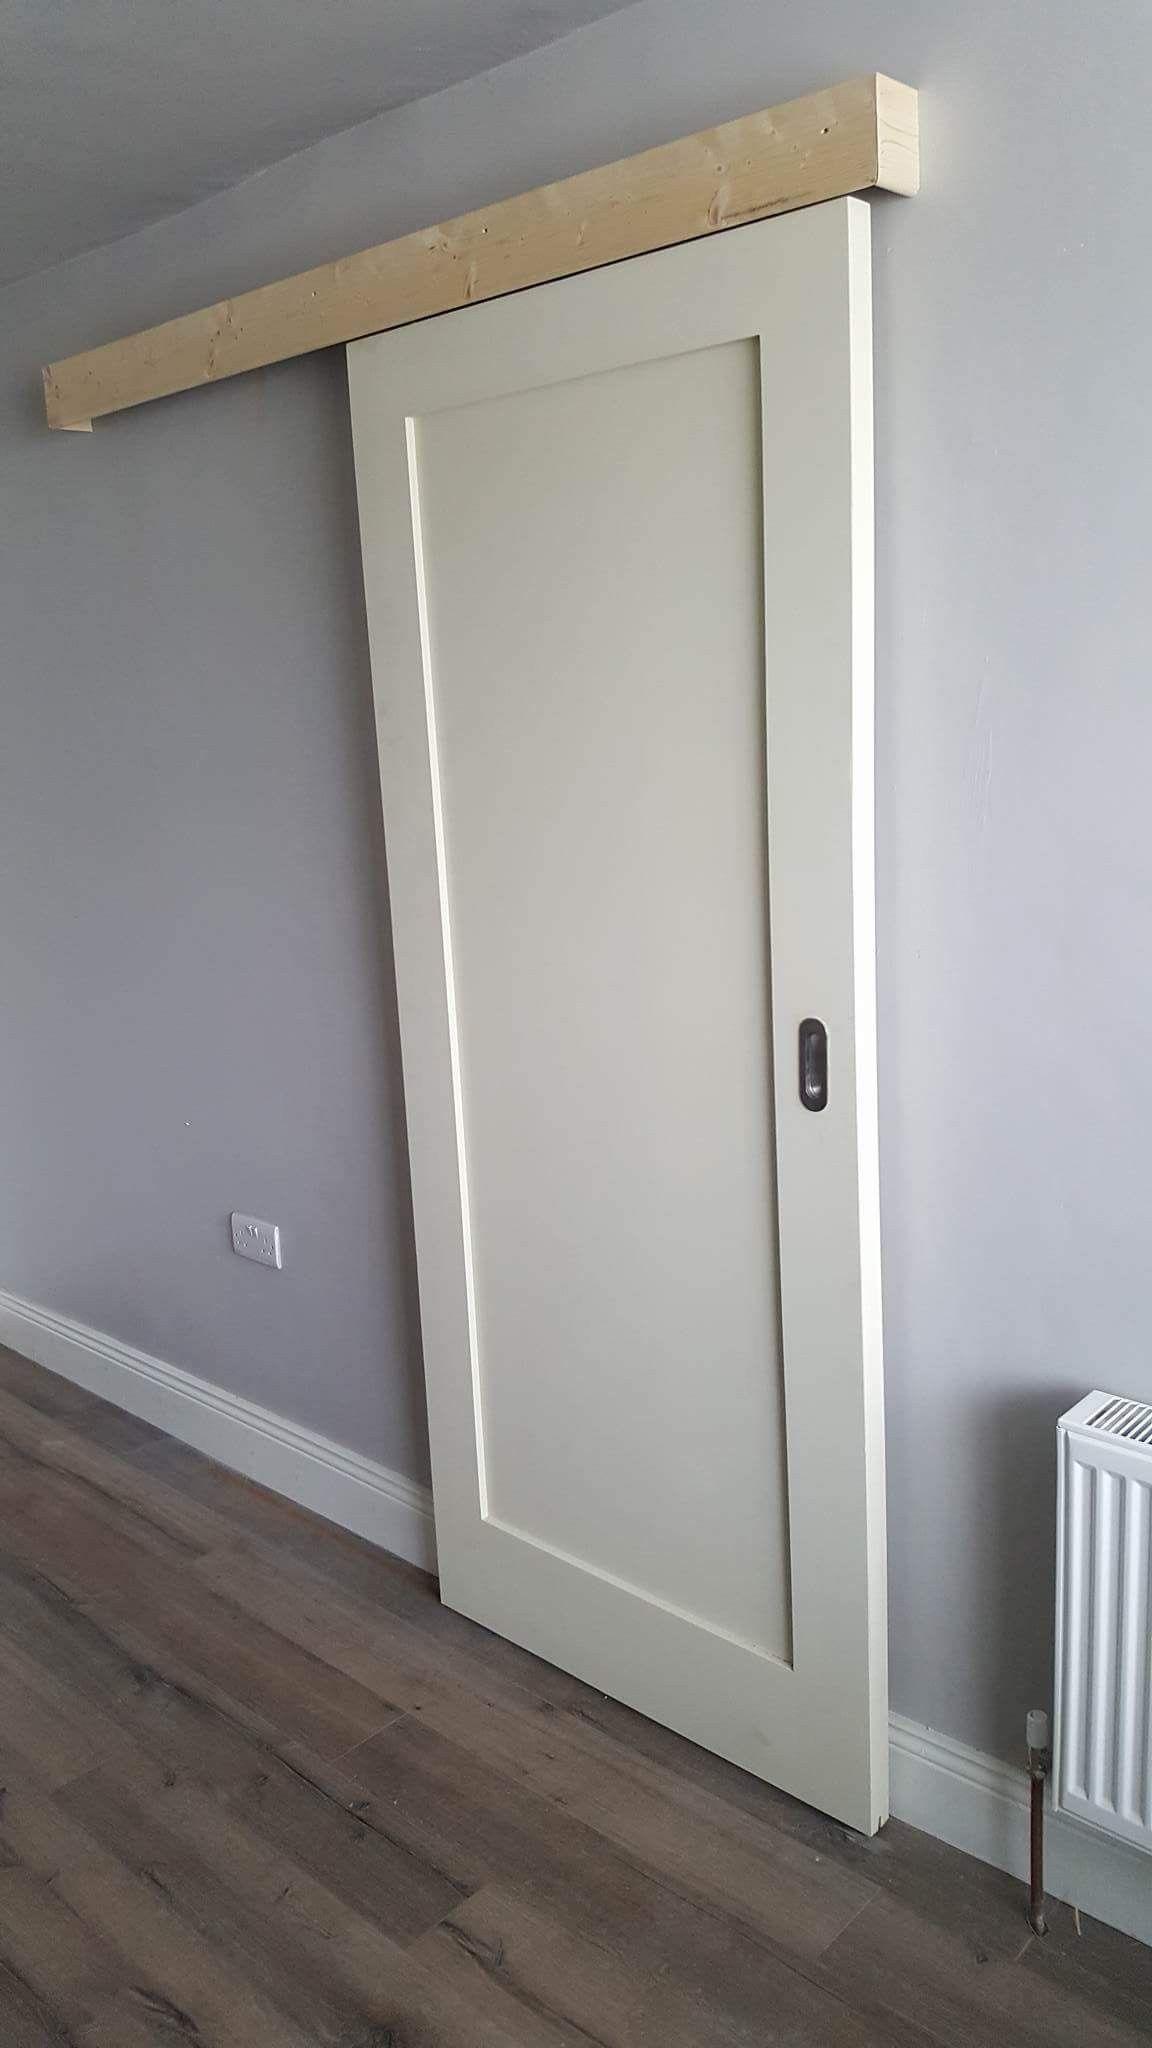 Sliding Door With Pelmet Sliding Doors Bathroom Medicine Cabinet Doors